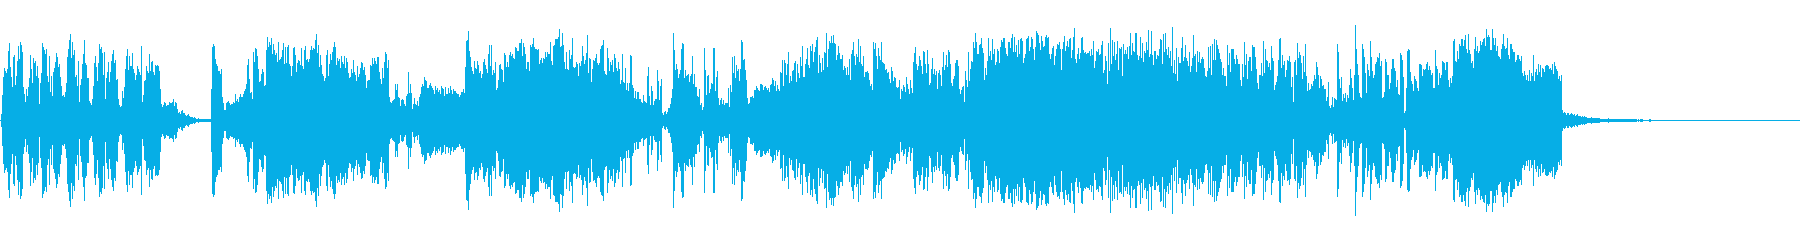 高オクタンの再生済みの波形